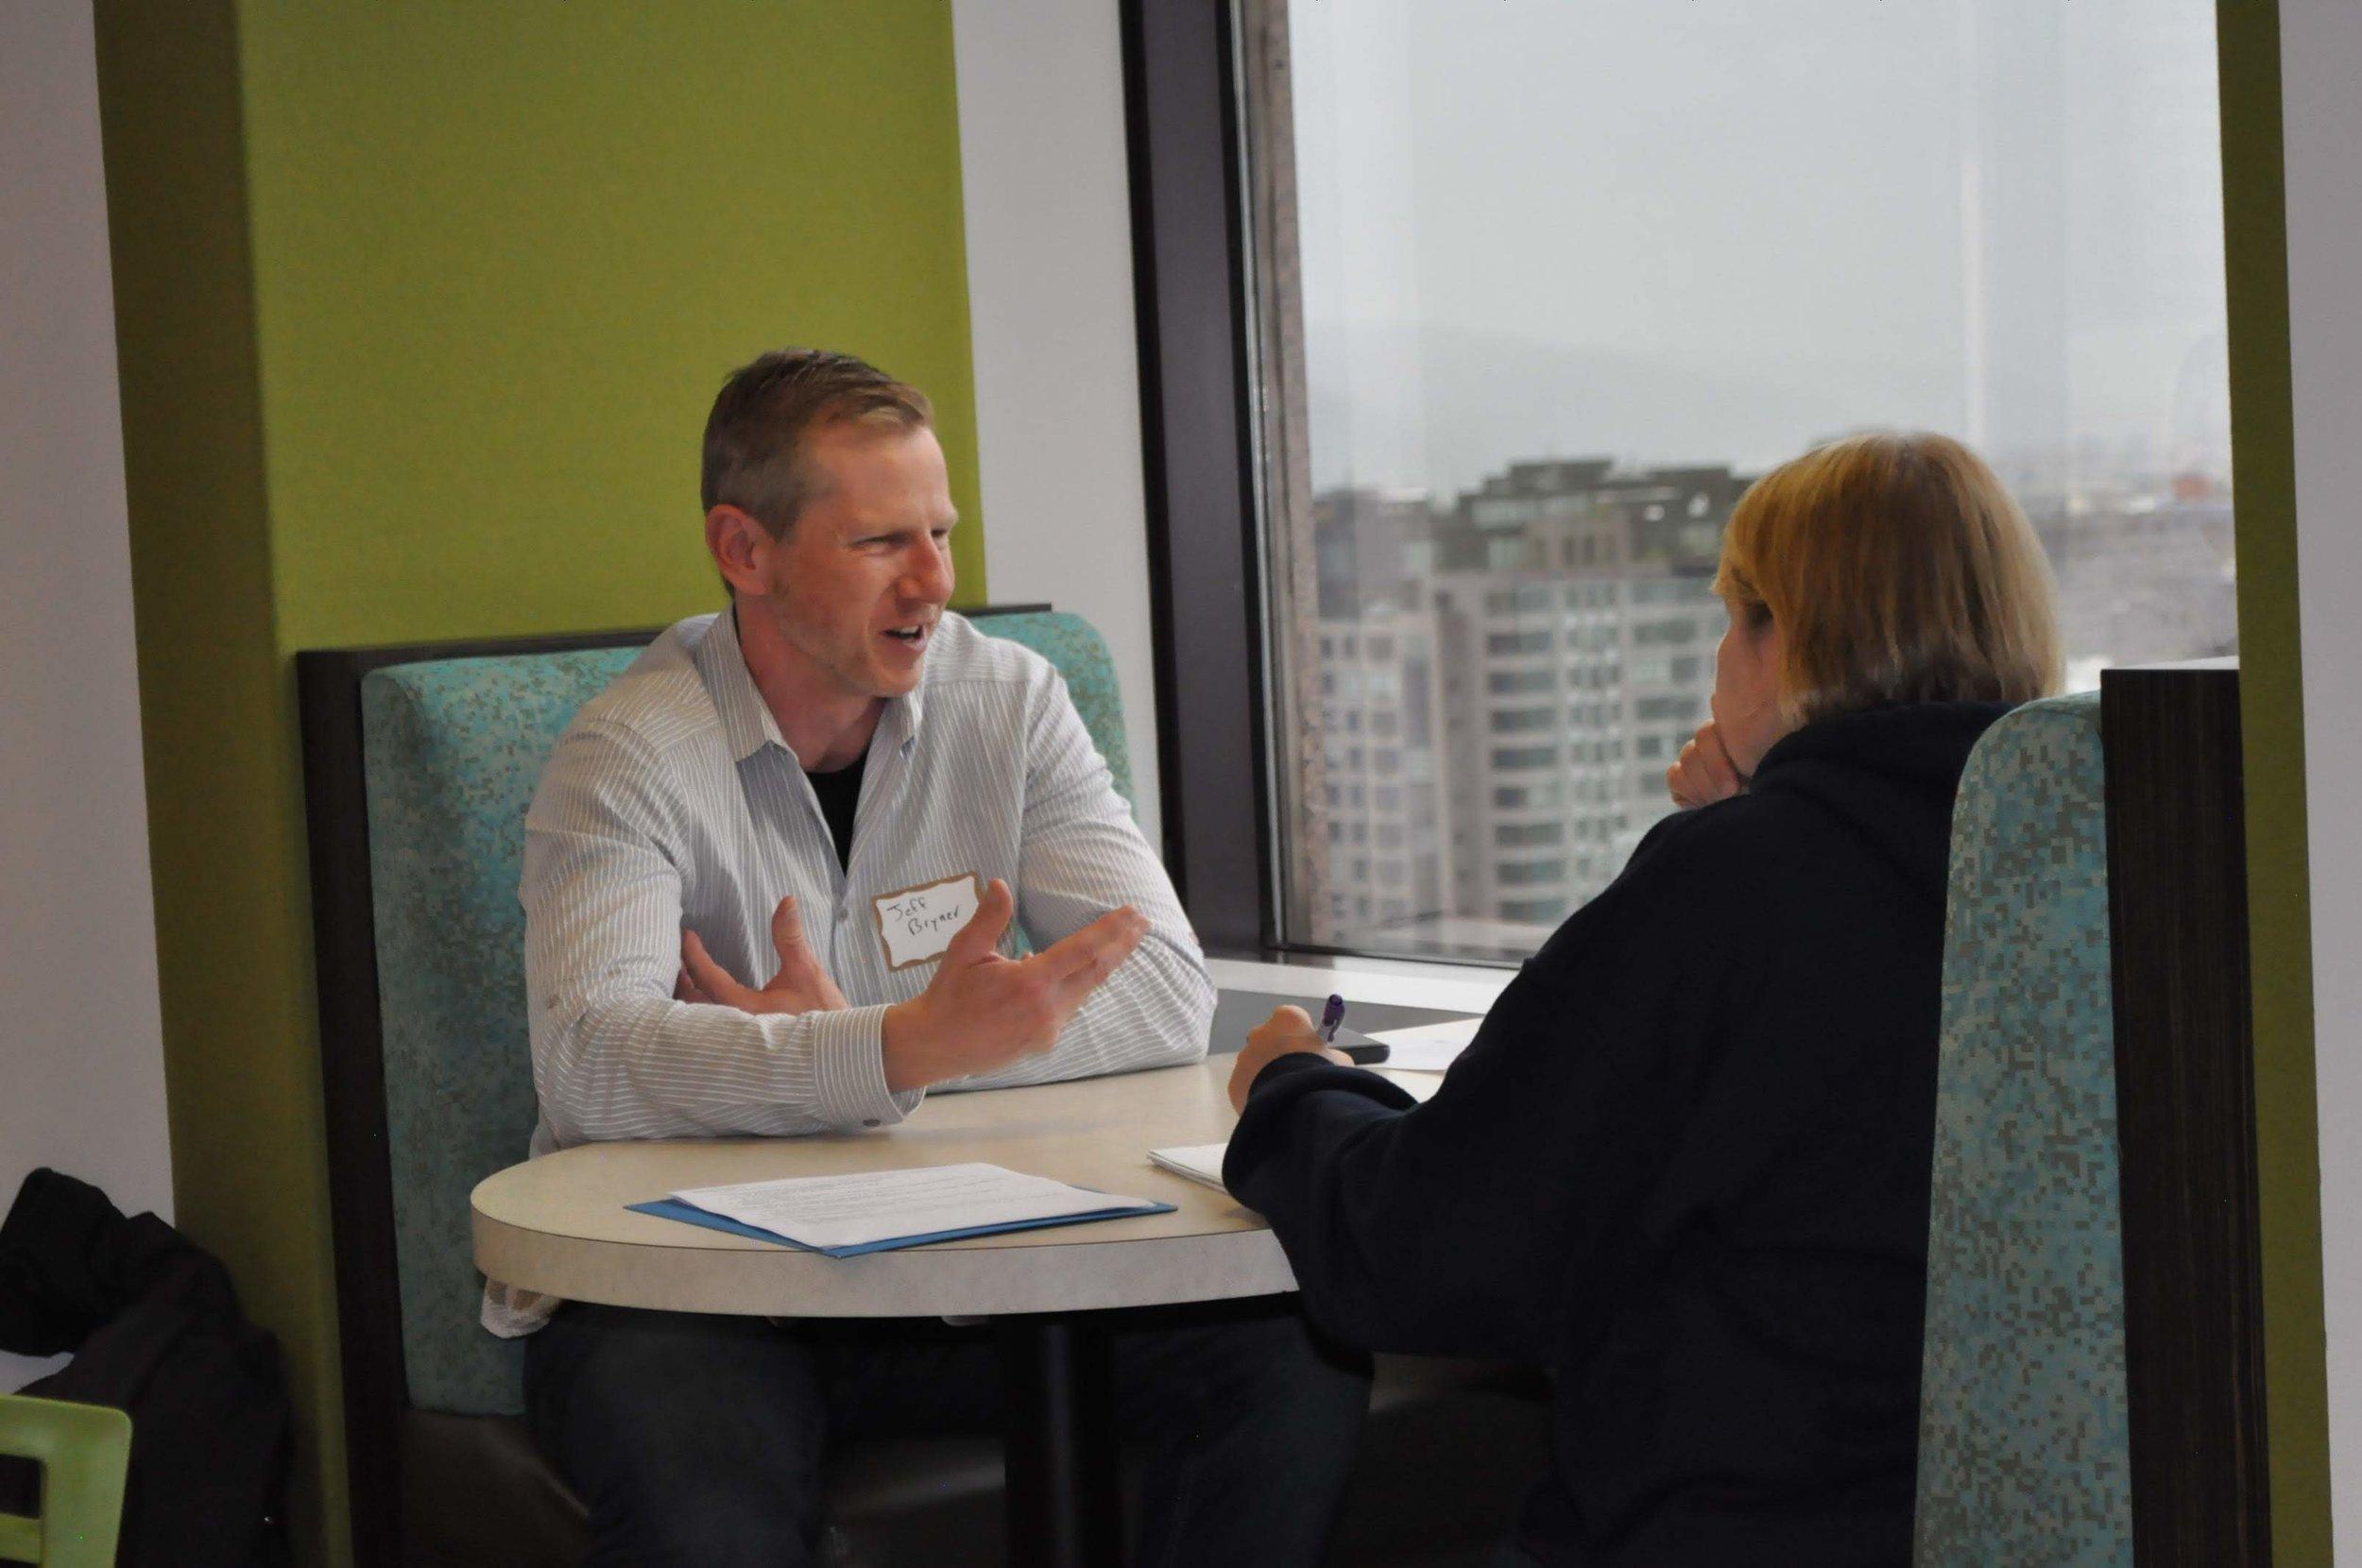 get hired up meeting between two people(1).jpg